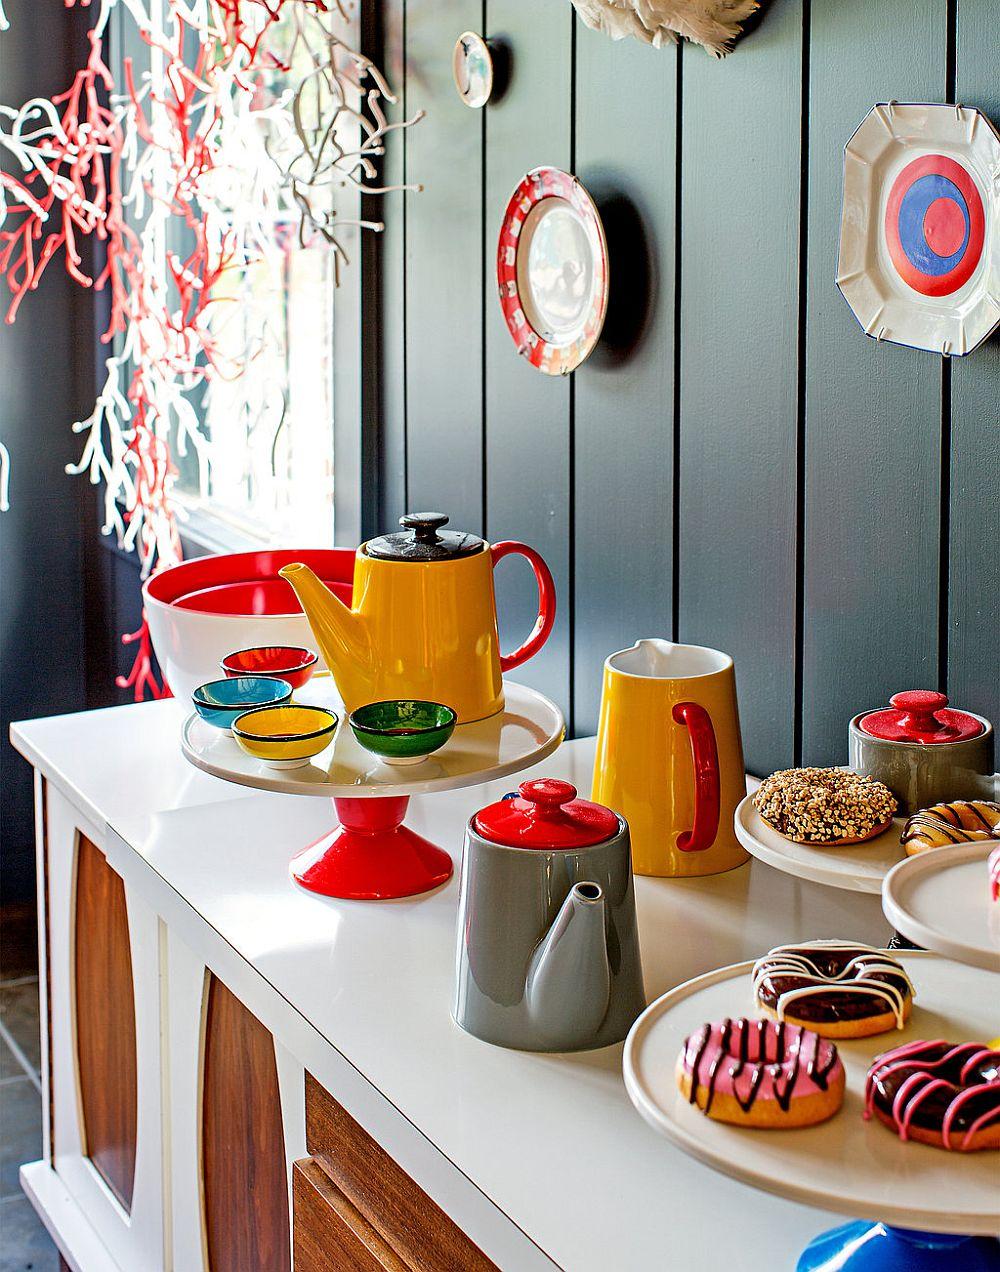 adelaparvu.com despre cabana cu interior colorat si piese de design, casa americana, designer Bradford Shellhammer, Foto Trevor Tondro (17)